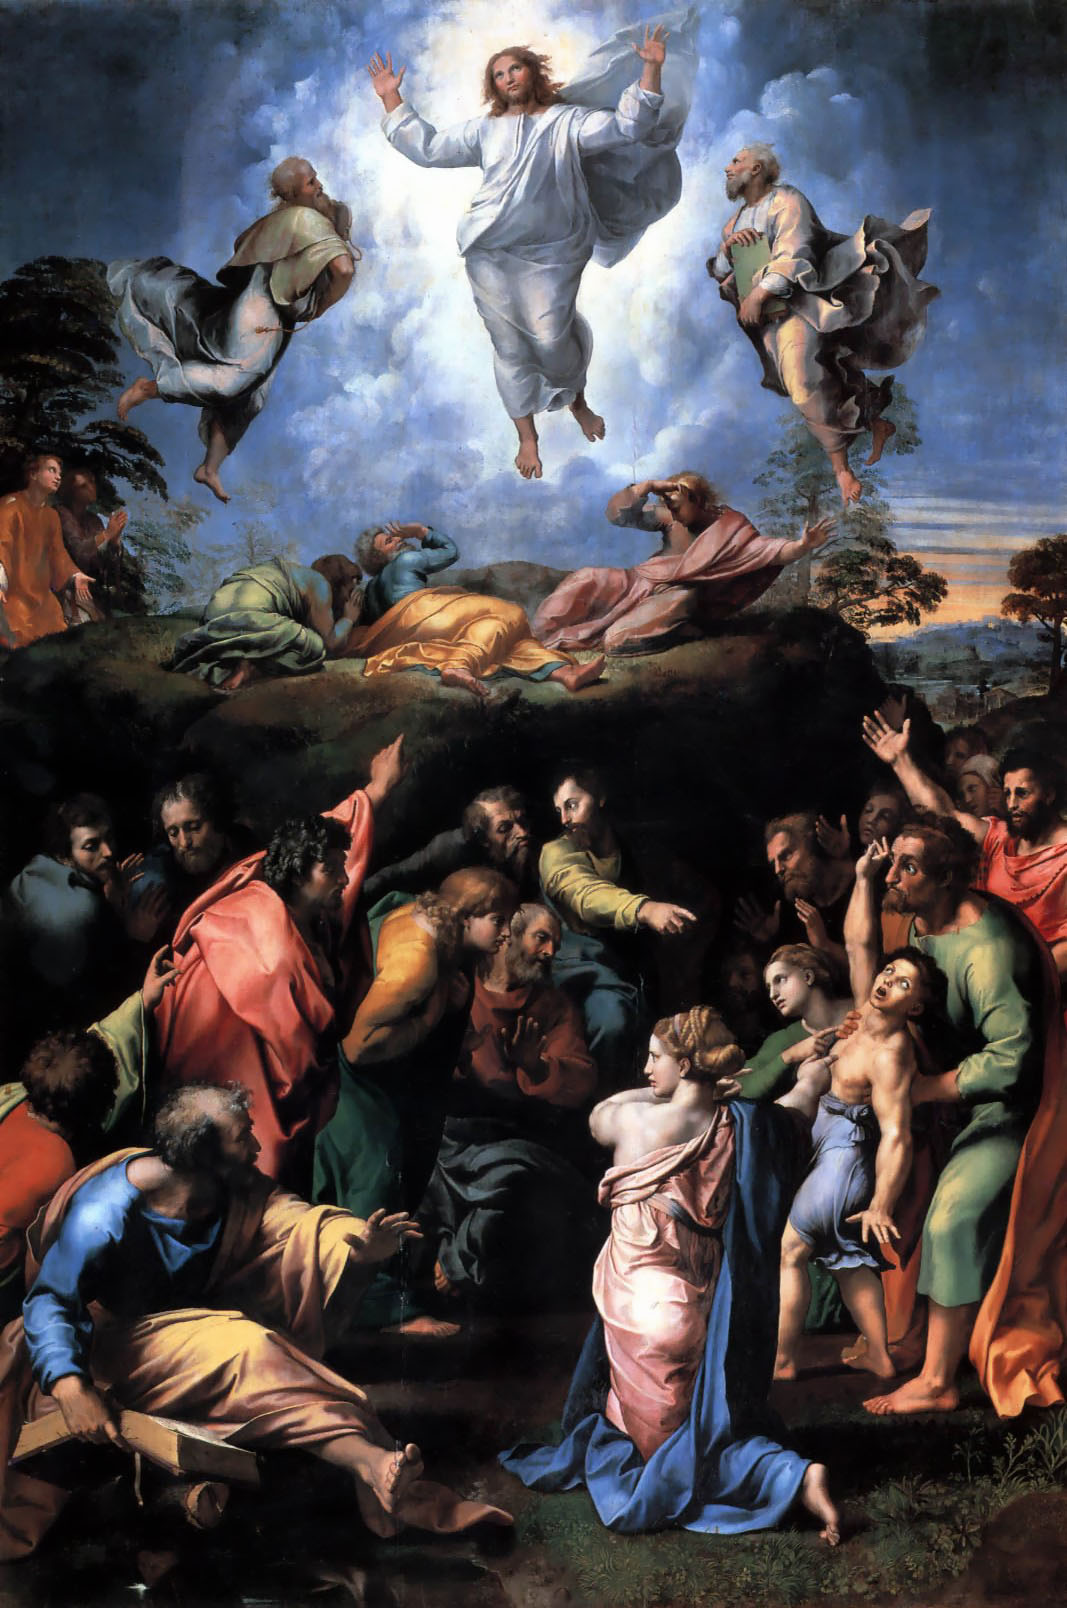 Raffaello, Trasfigurazione (1518-1520; tempera grassa su tavola, 410 x 279 cm; Città del Vaticano, Musei Vaticani, Pinacoteca Vaticana)